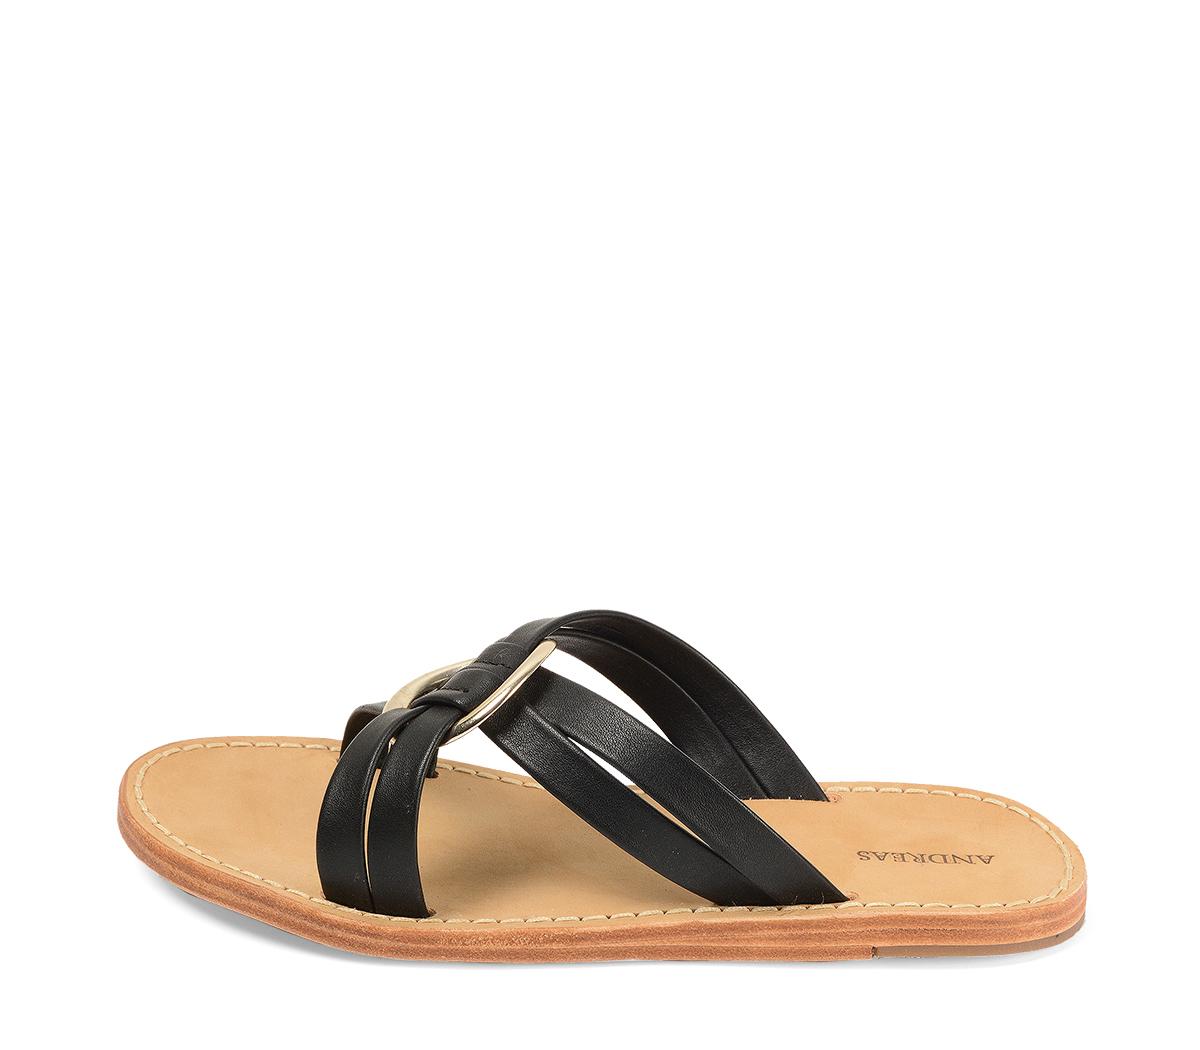 Ref. 4359 Sandalia piel negra con pala cruzada y detalle arandela dorada. Suela de piel.